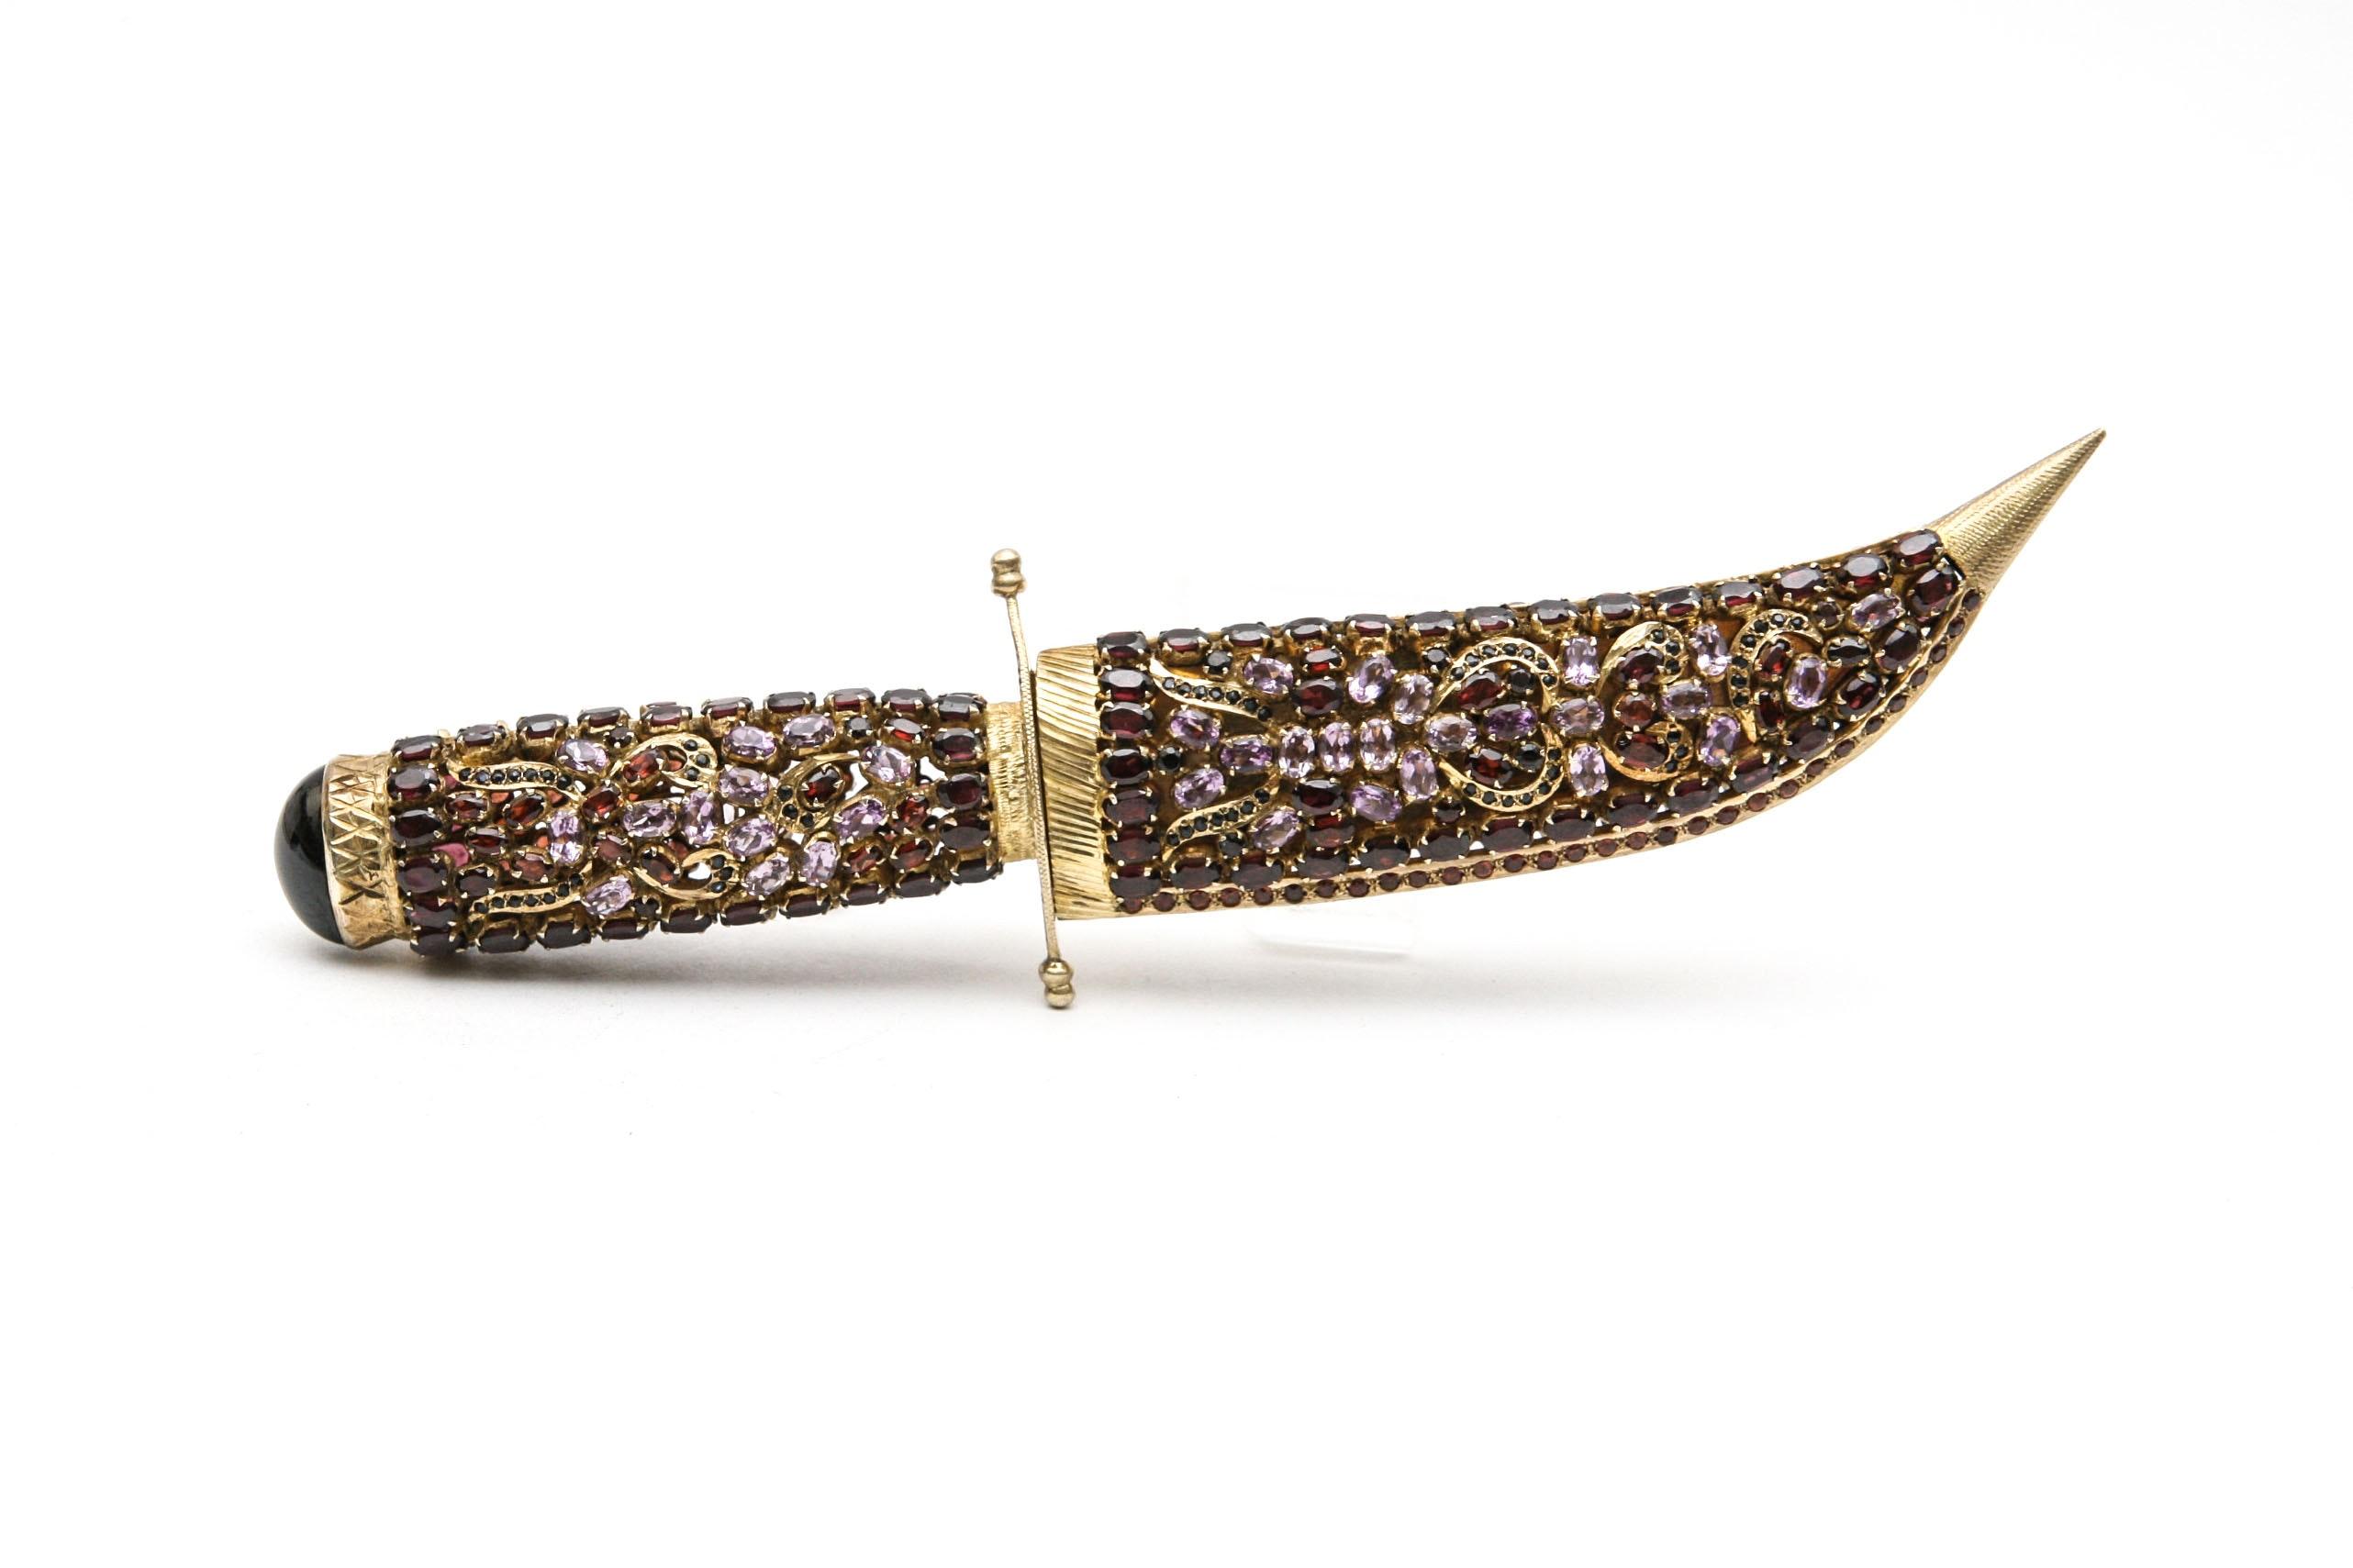 Ornamental Dagger with Gemstone Encrusted Sheath